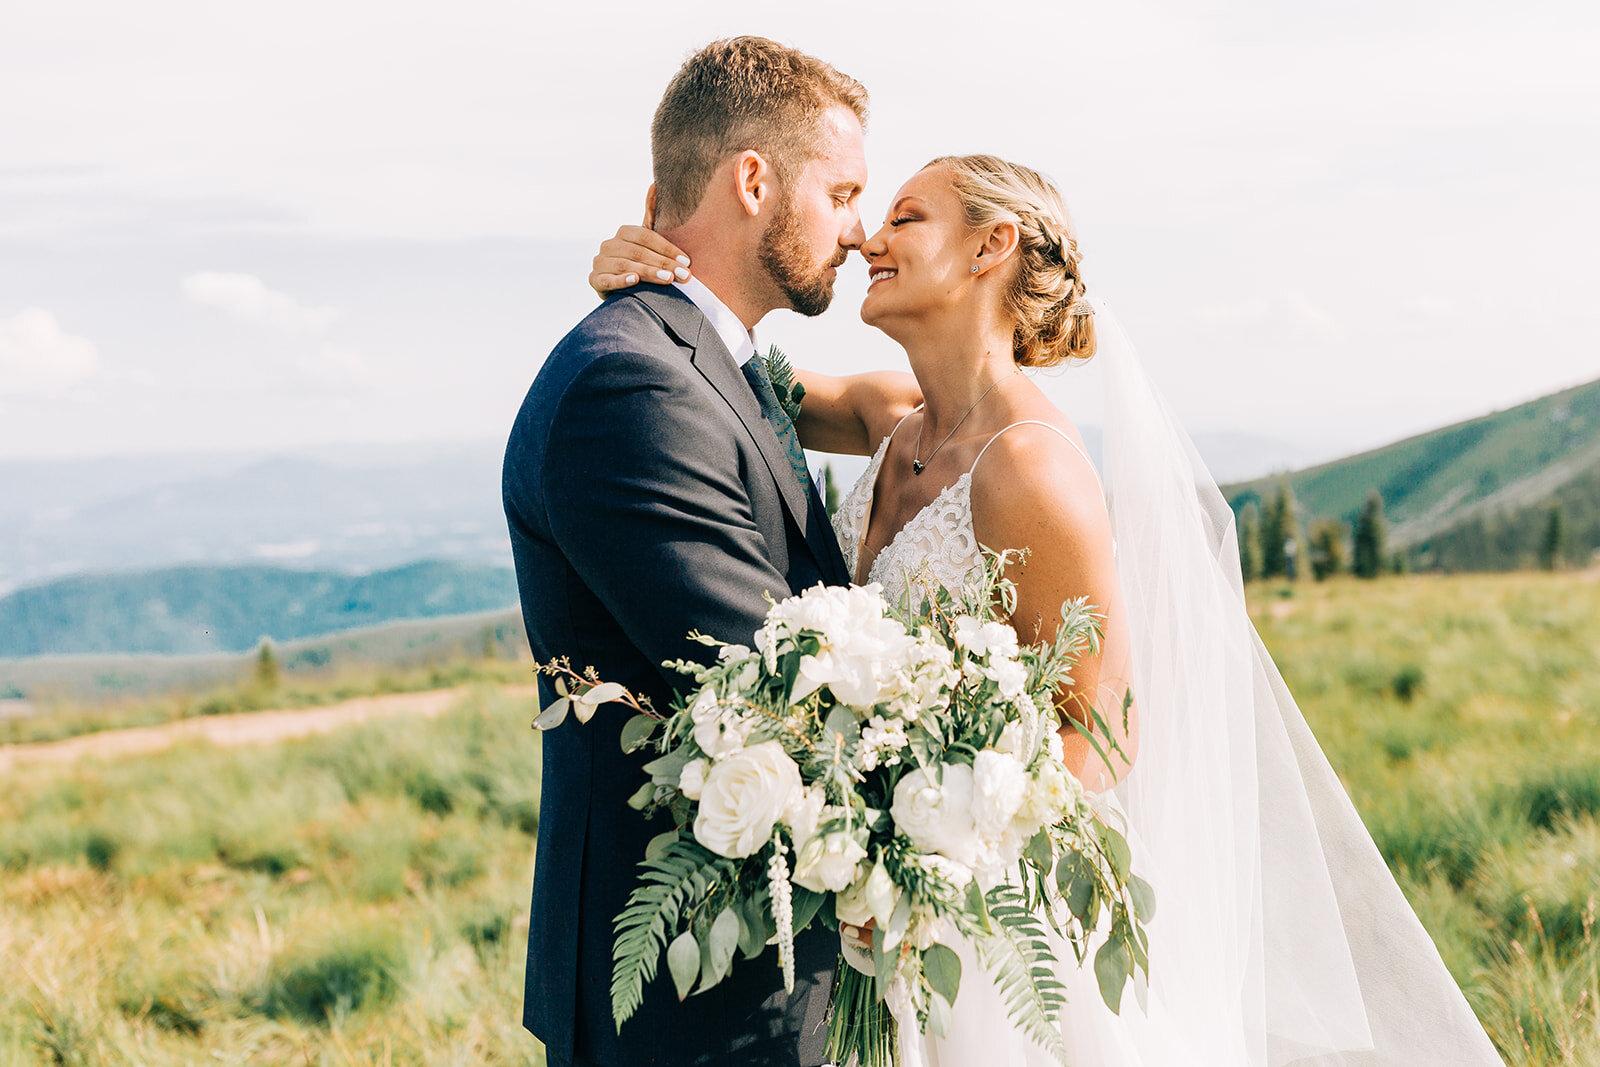 schweitzer mountain wedding spokane bride and groom